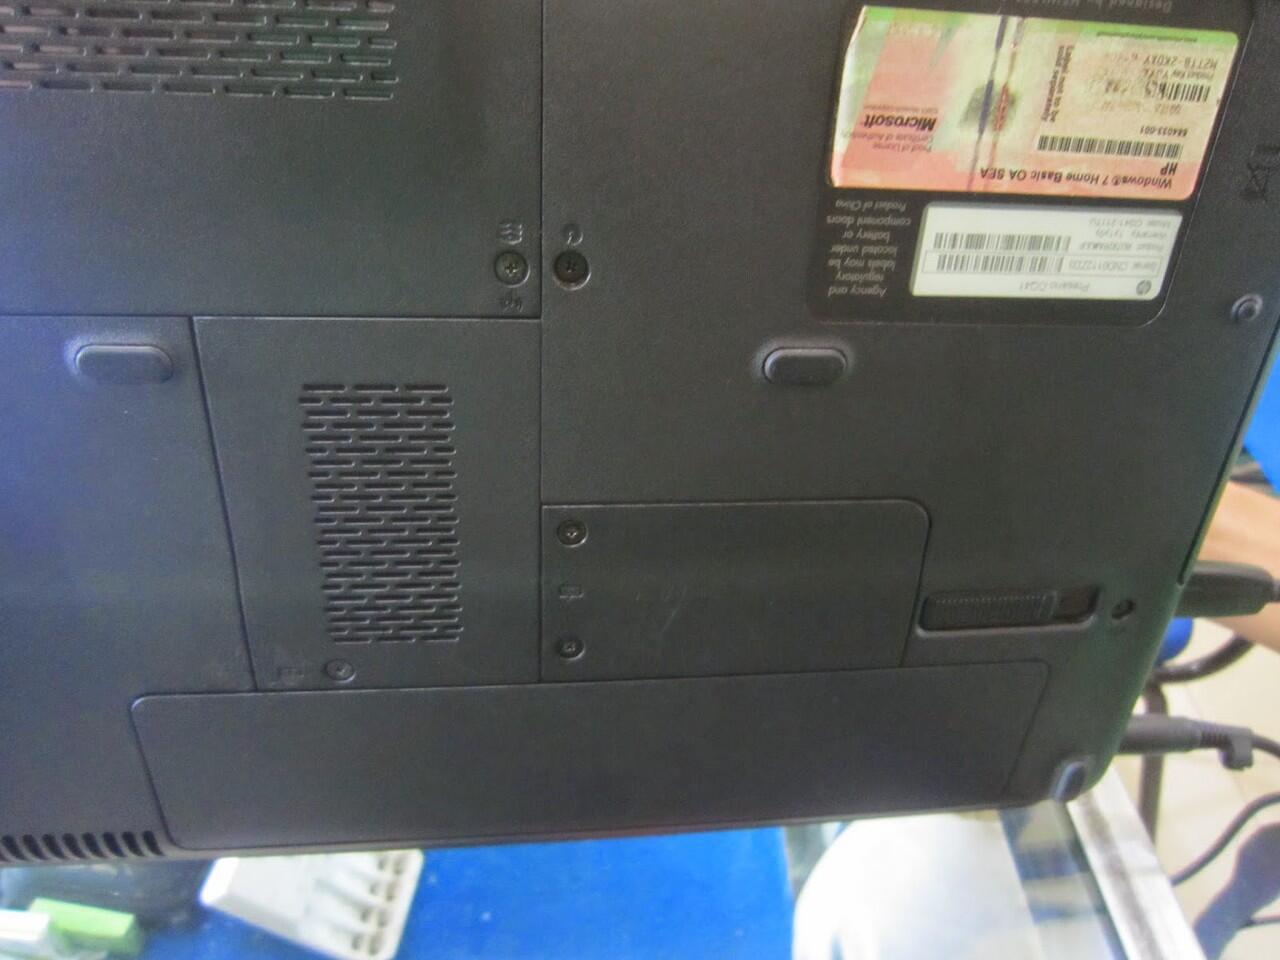 Compaq presario CQ41 core i3 murah disolo